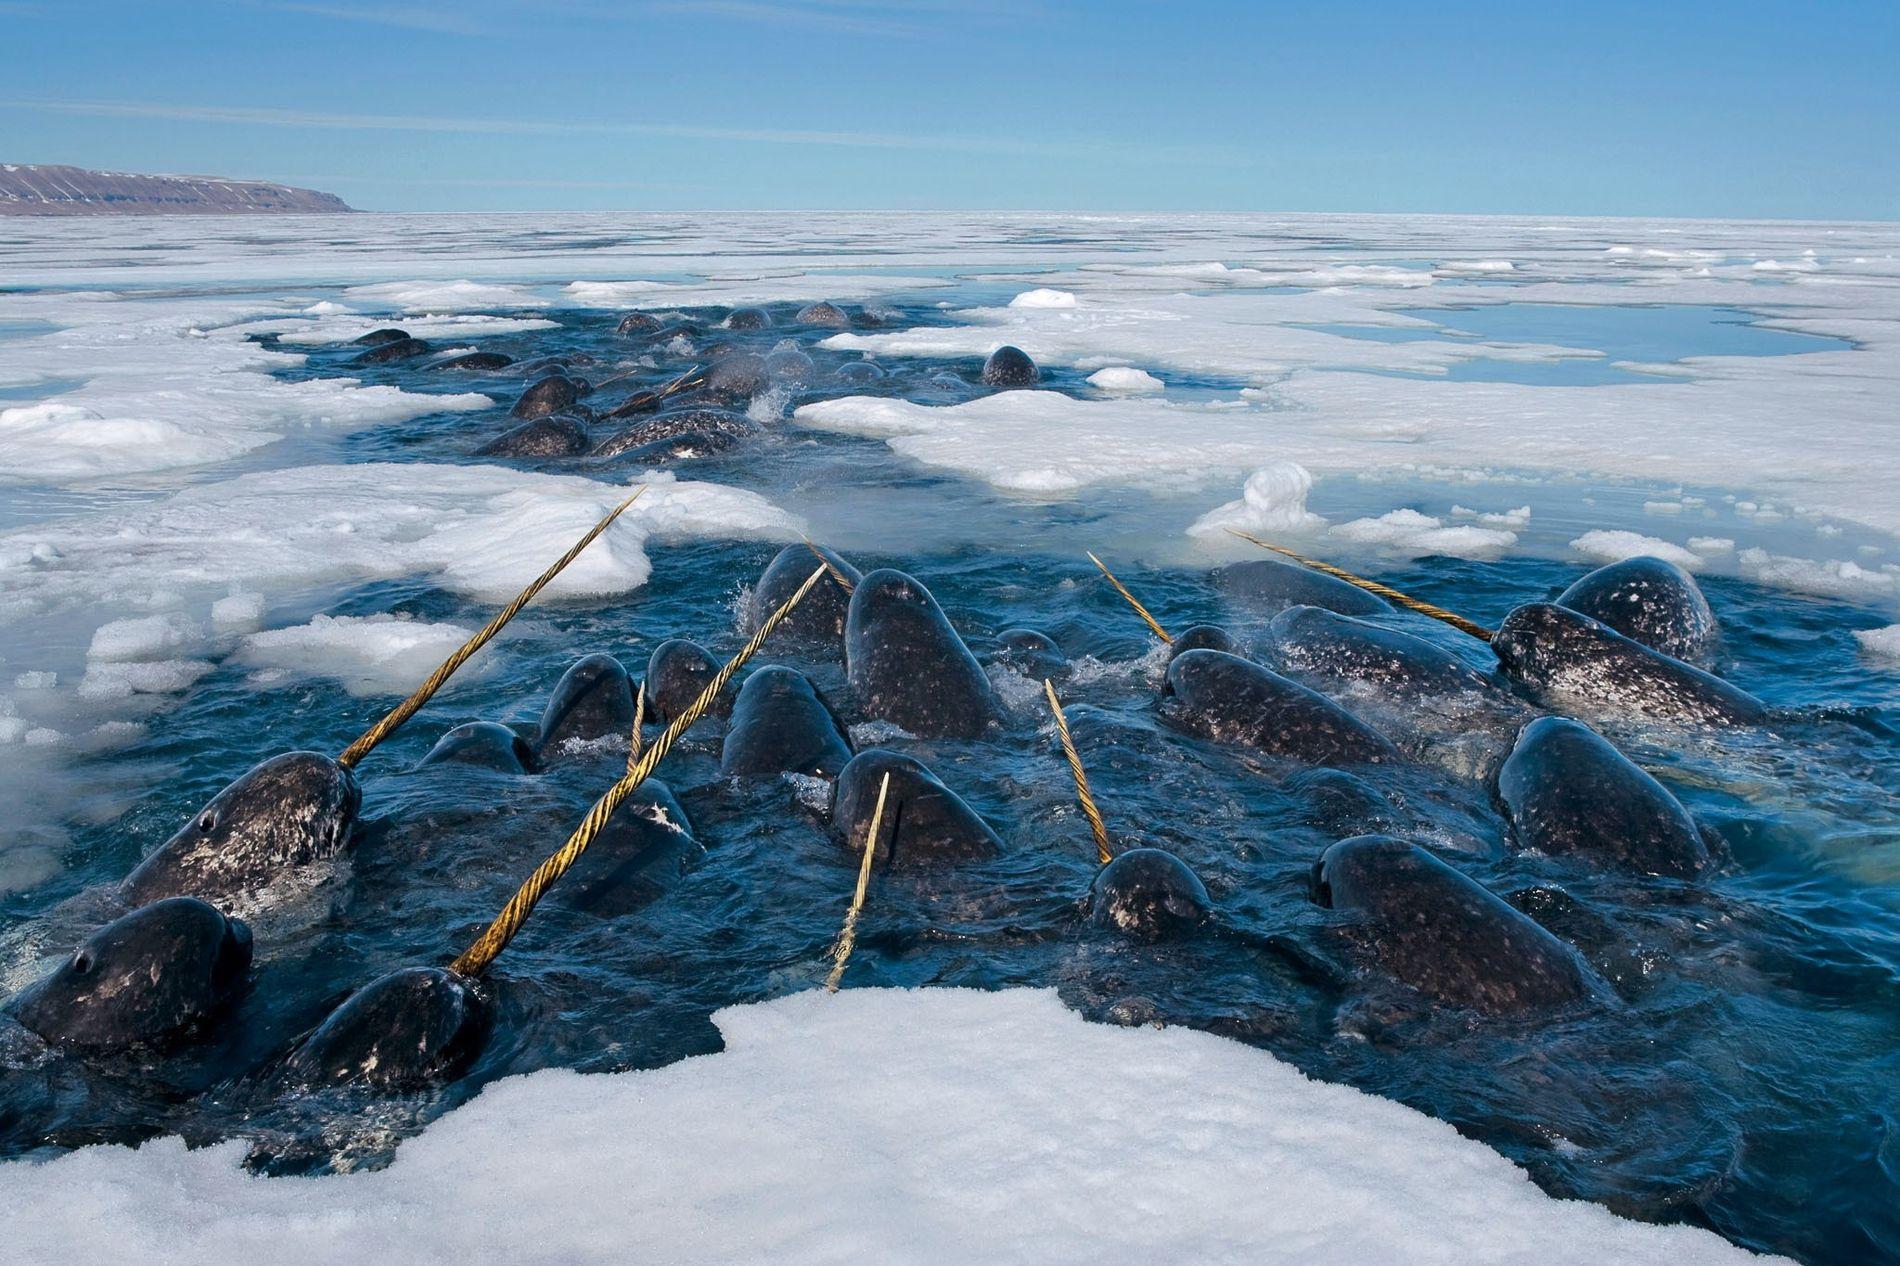 Des narvals évoluent dans le détroit de Lancaster. Ils hivernent dans les eaux glacées, se nourrissant ...